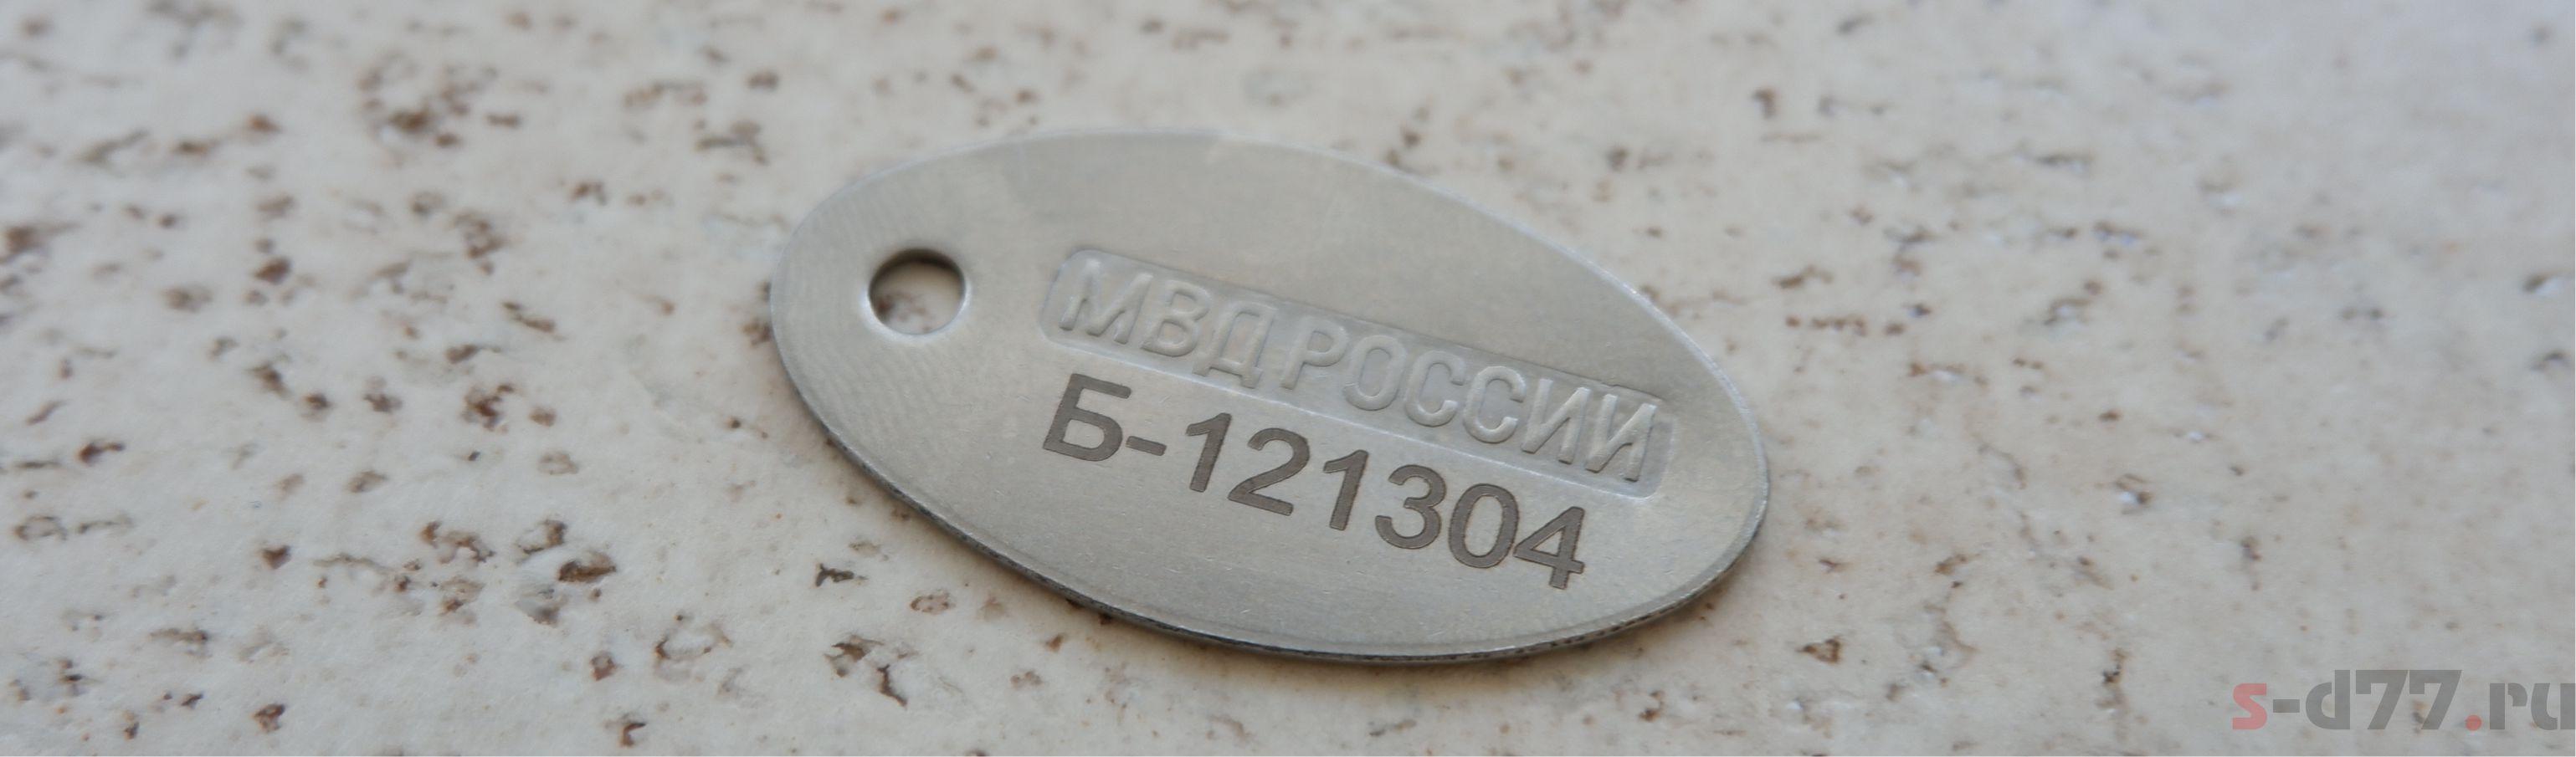 Лазерная гравировка на алюминиевых армейских жетонах Щербинка, Бутово, Подольск